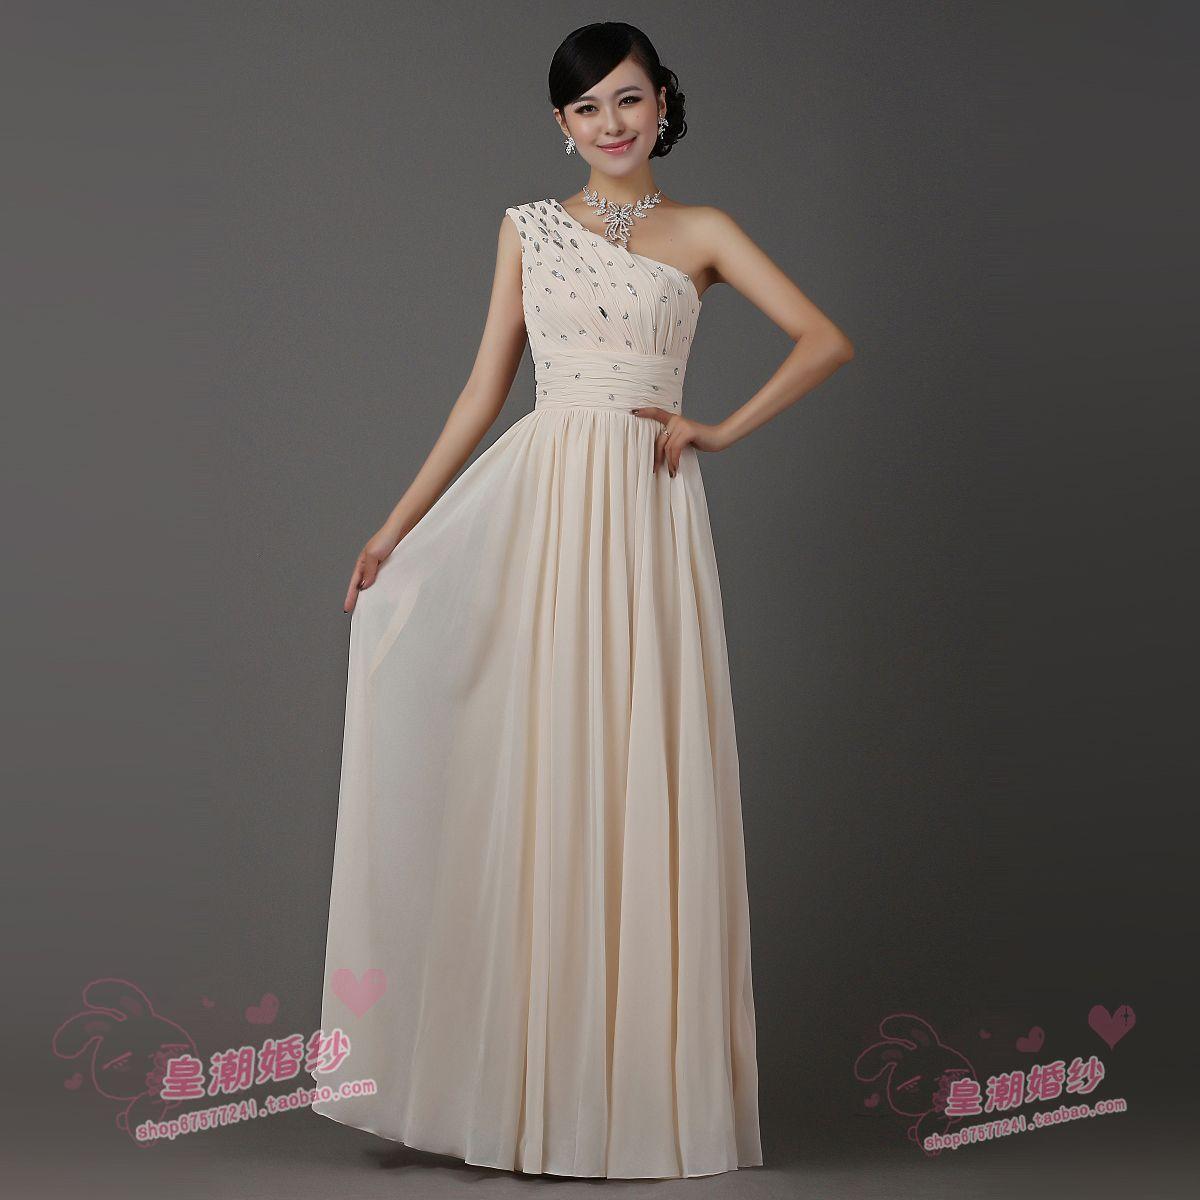 Вечернее платье 2013 Длинная юбка (106-125см)